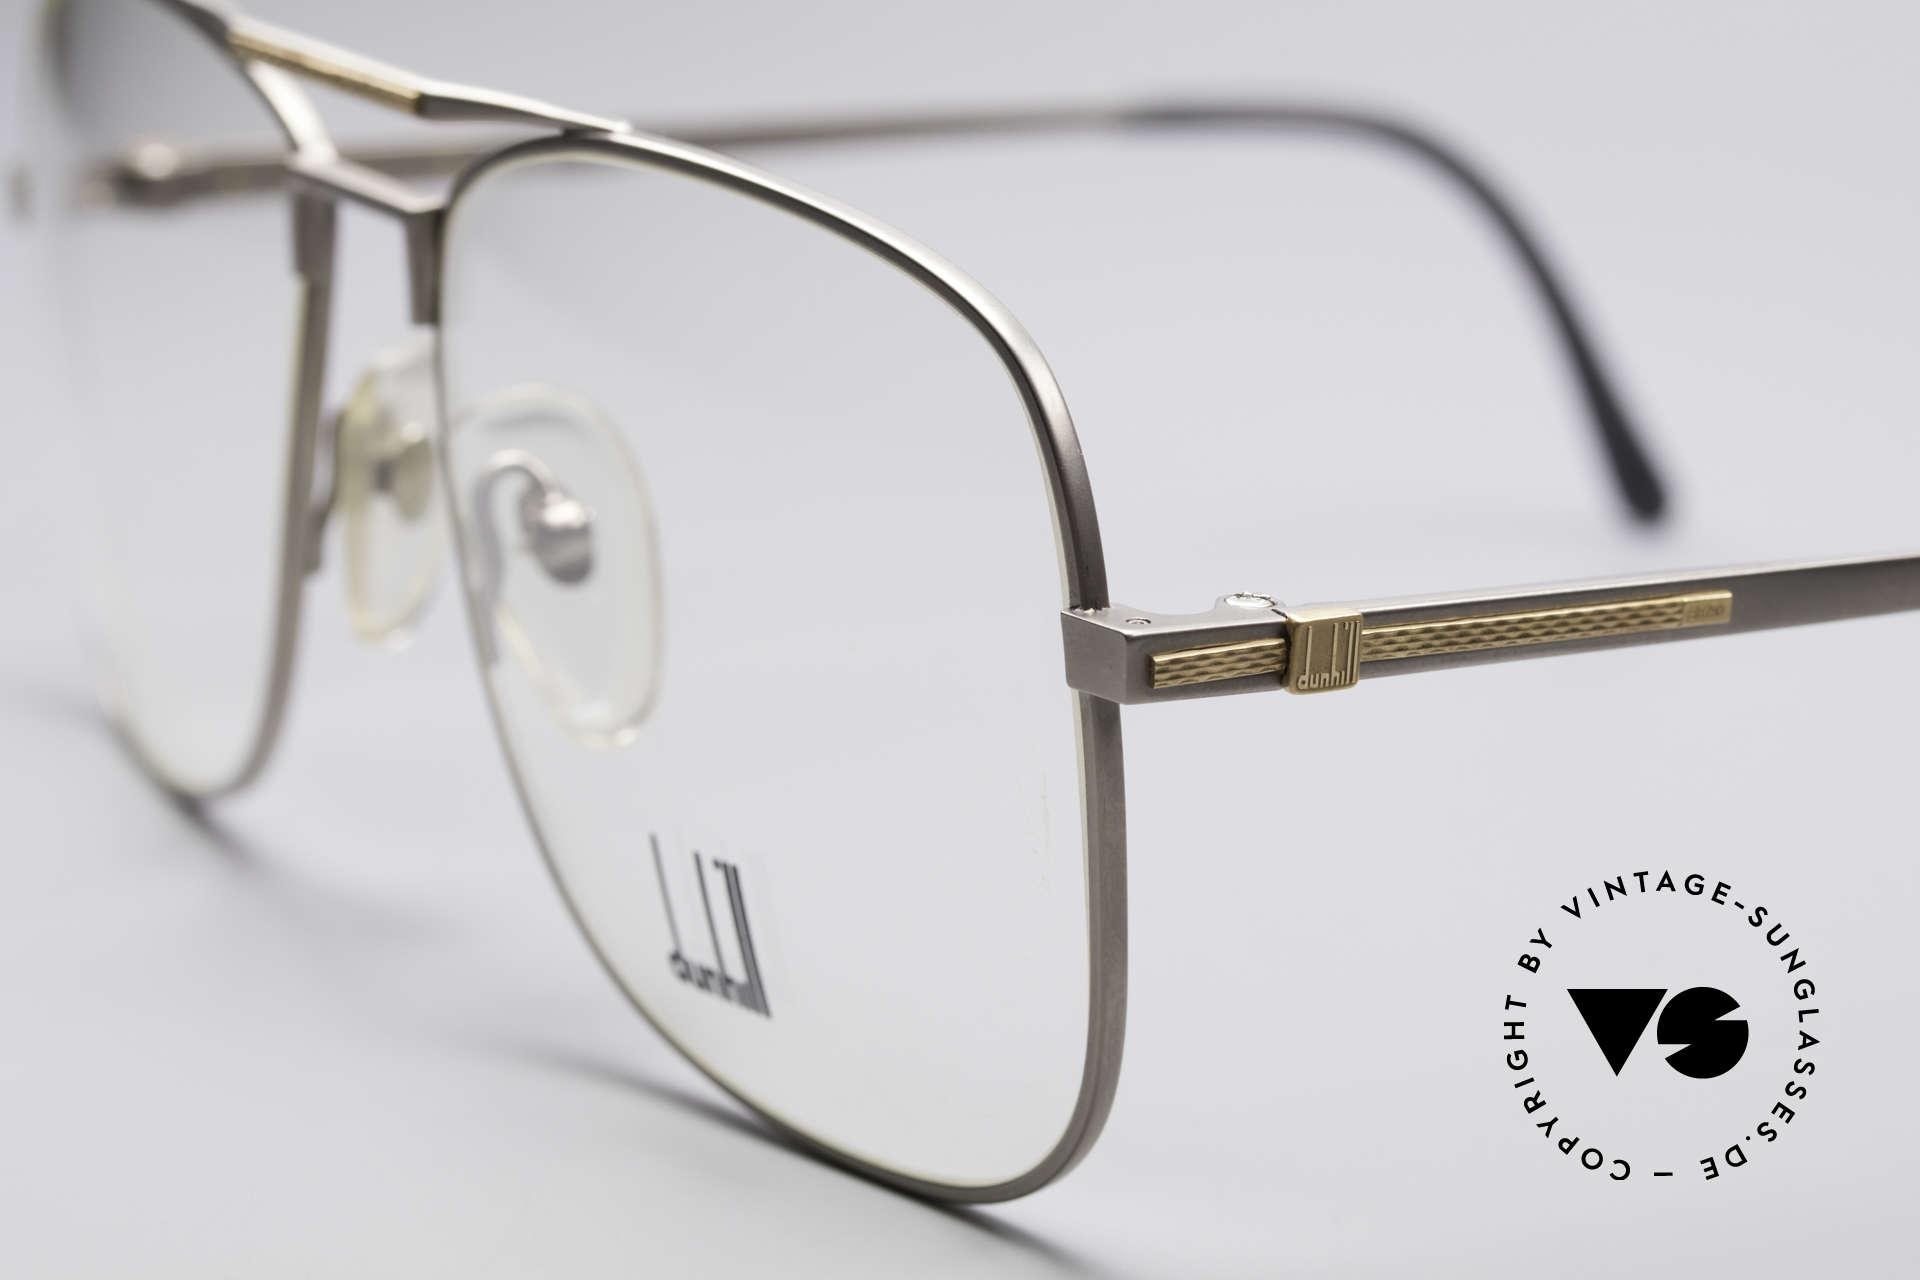 Dunhill 6038 18kt Gold Titanium Brille 80er, (heute werden Designerbrillen für <5,00 € produziert), Passend für Herren